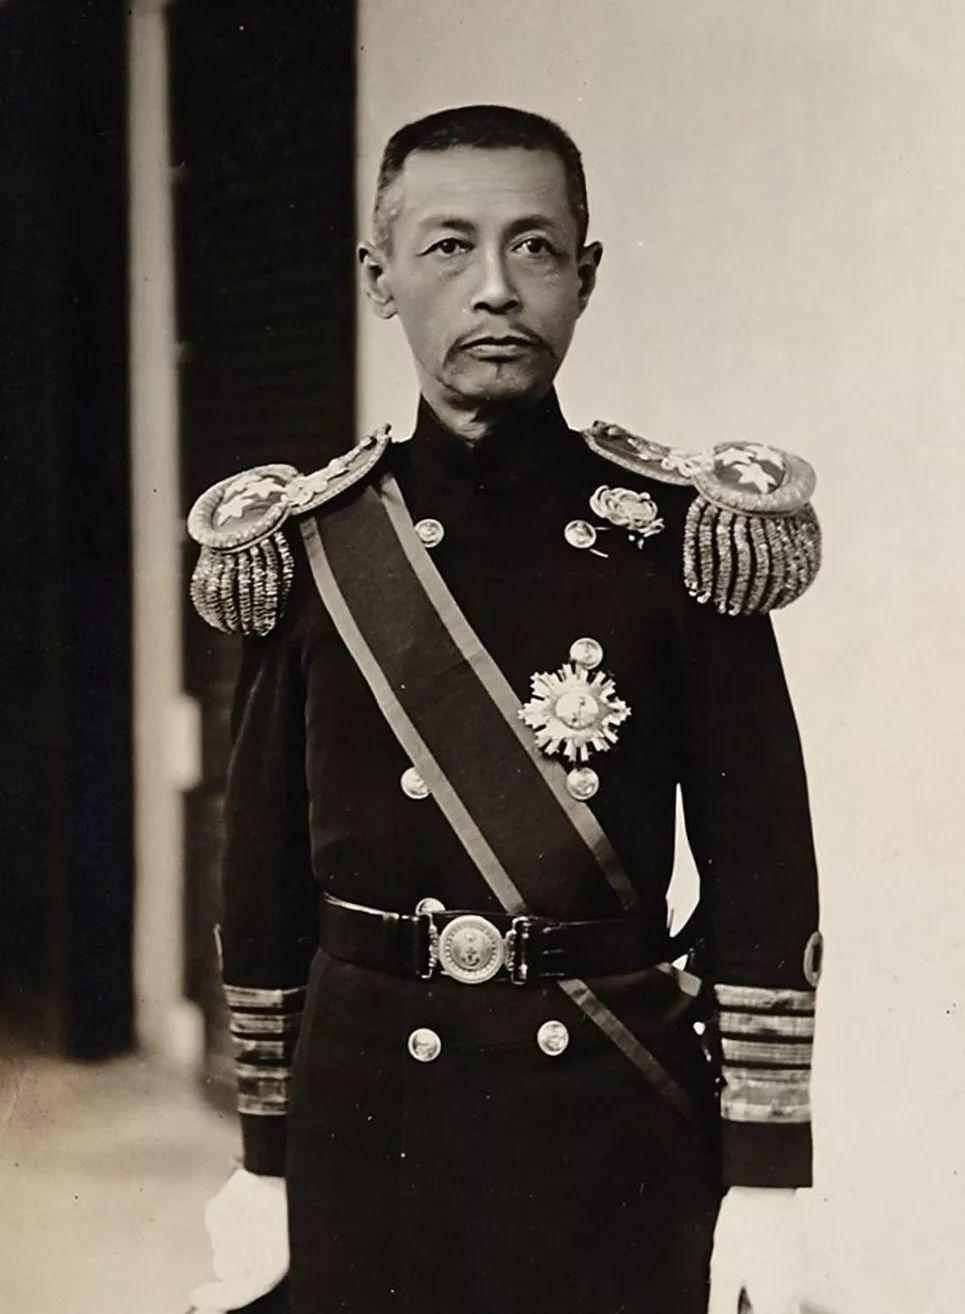 他是蒙古族后裔,担任民国海军司令,没想到书法温婉有才情 第1张 他是蒙古族后裔,担任民国海军司令,没想到书法温婉有才情 蒙古文化